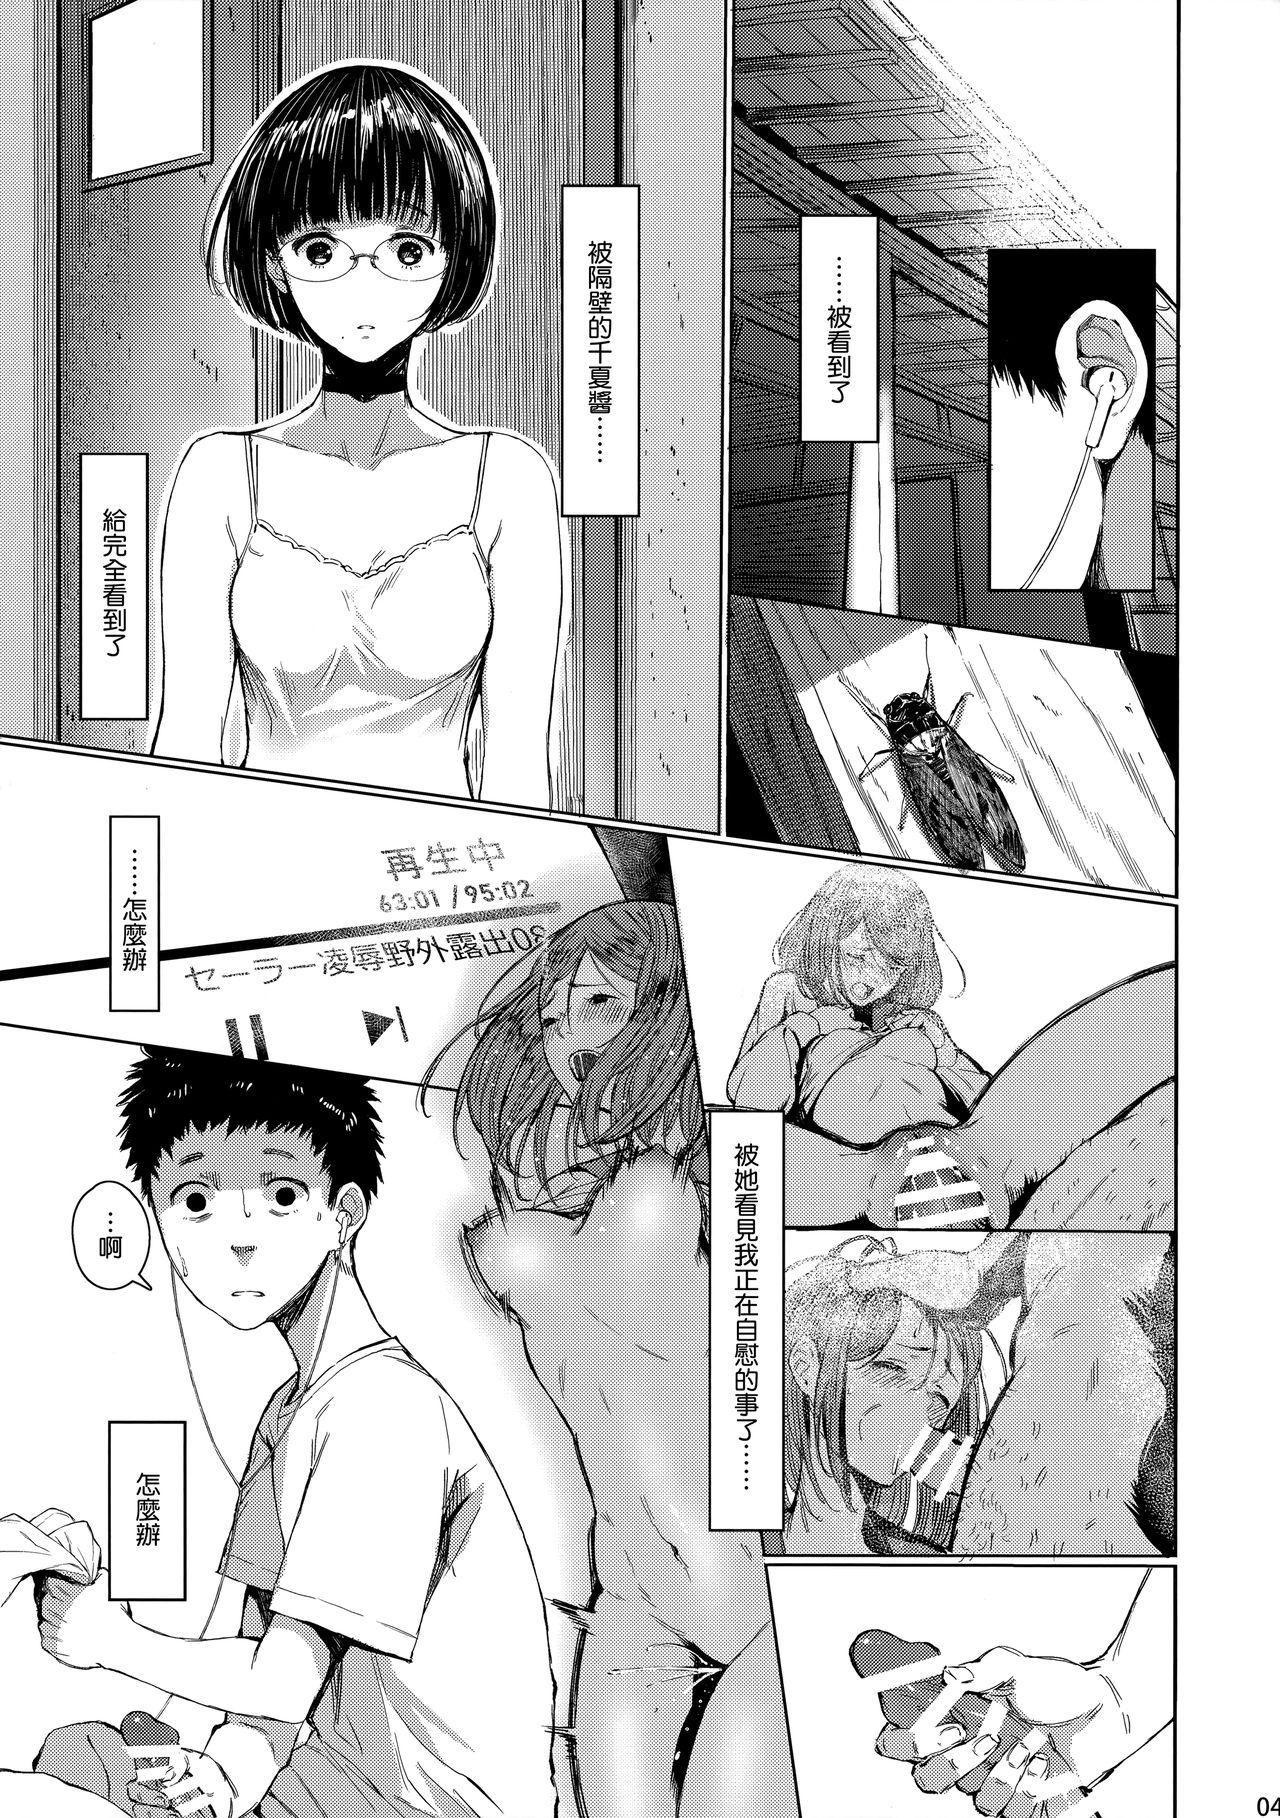 Tonari no Chinatsu-chan R 03 3